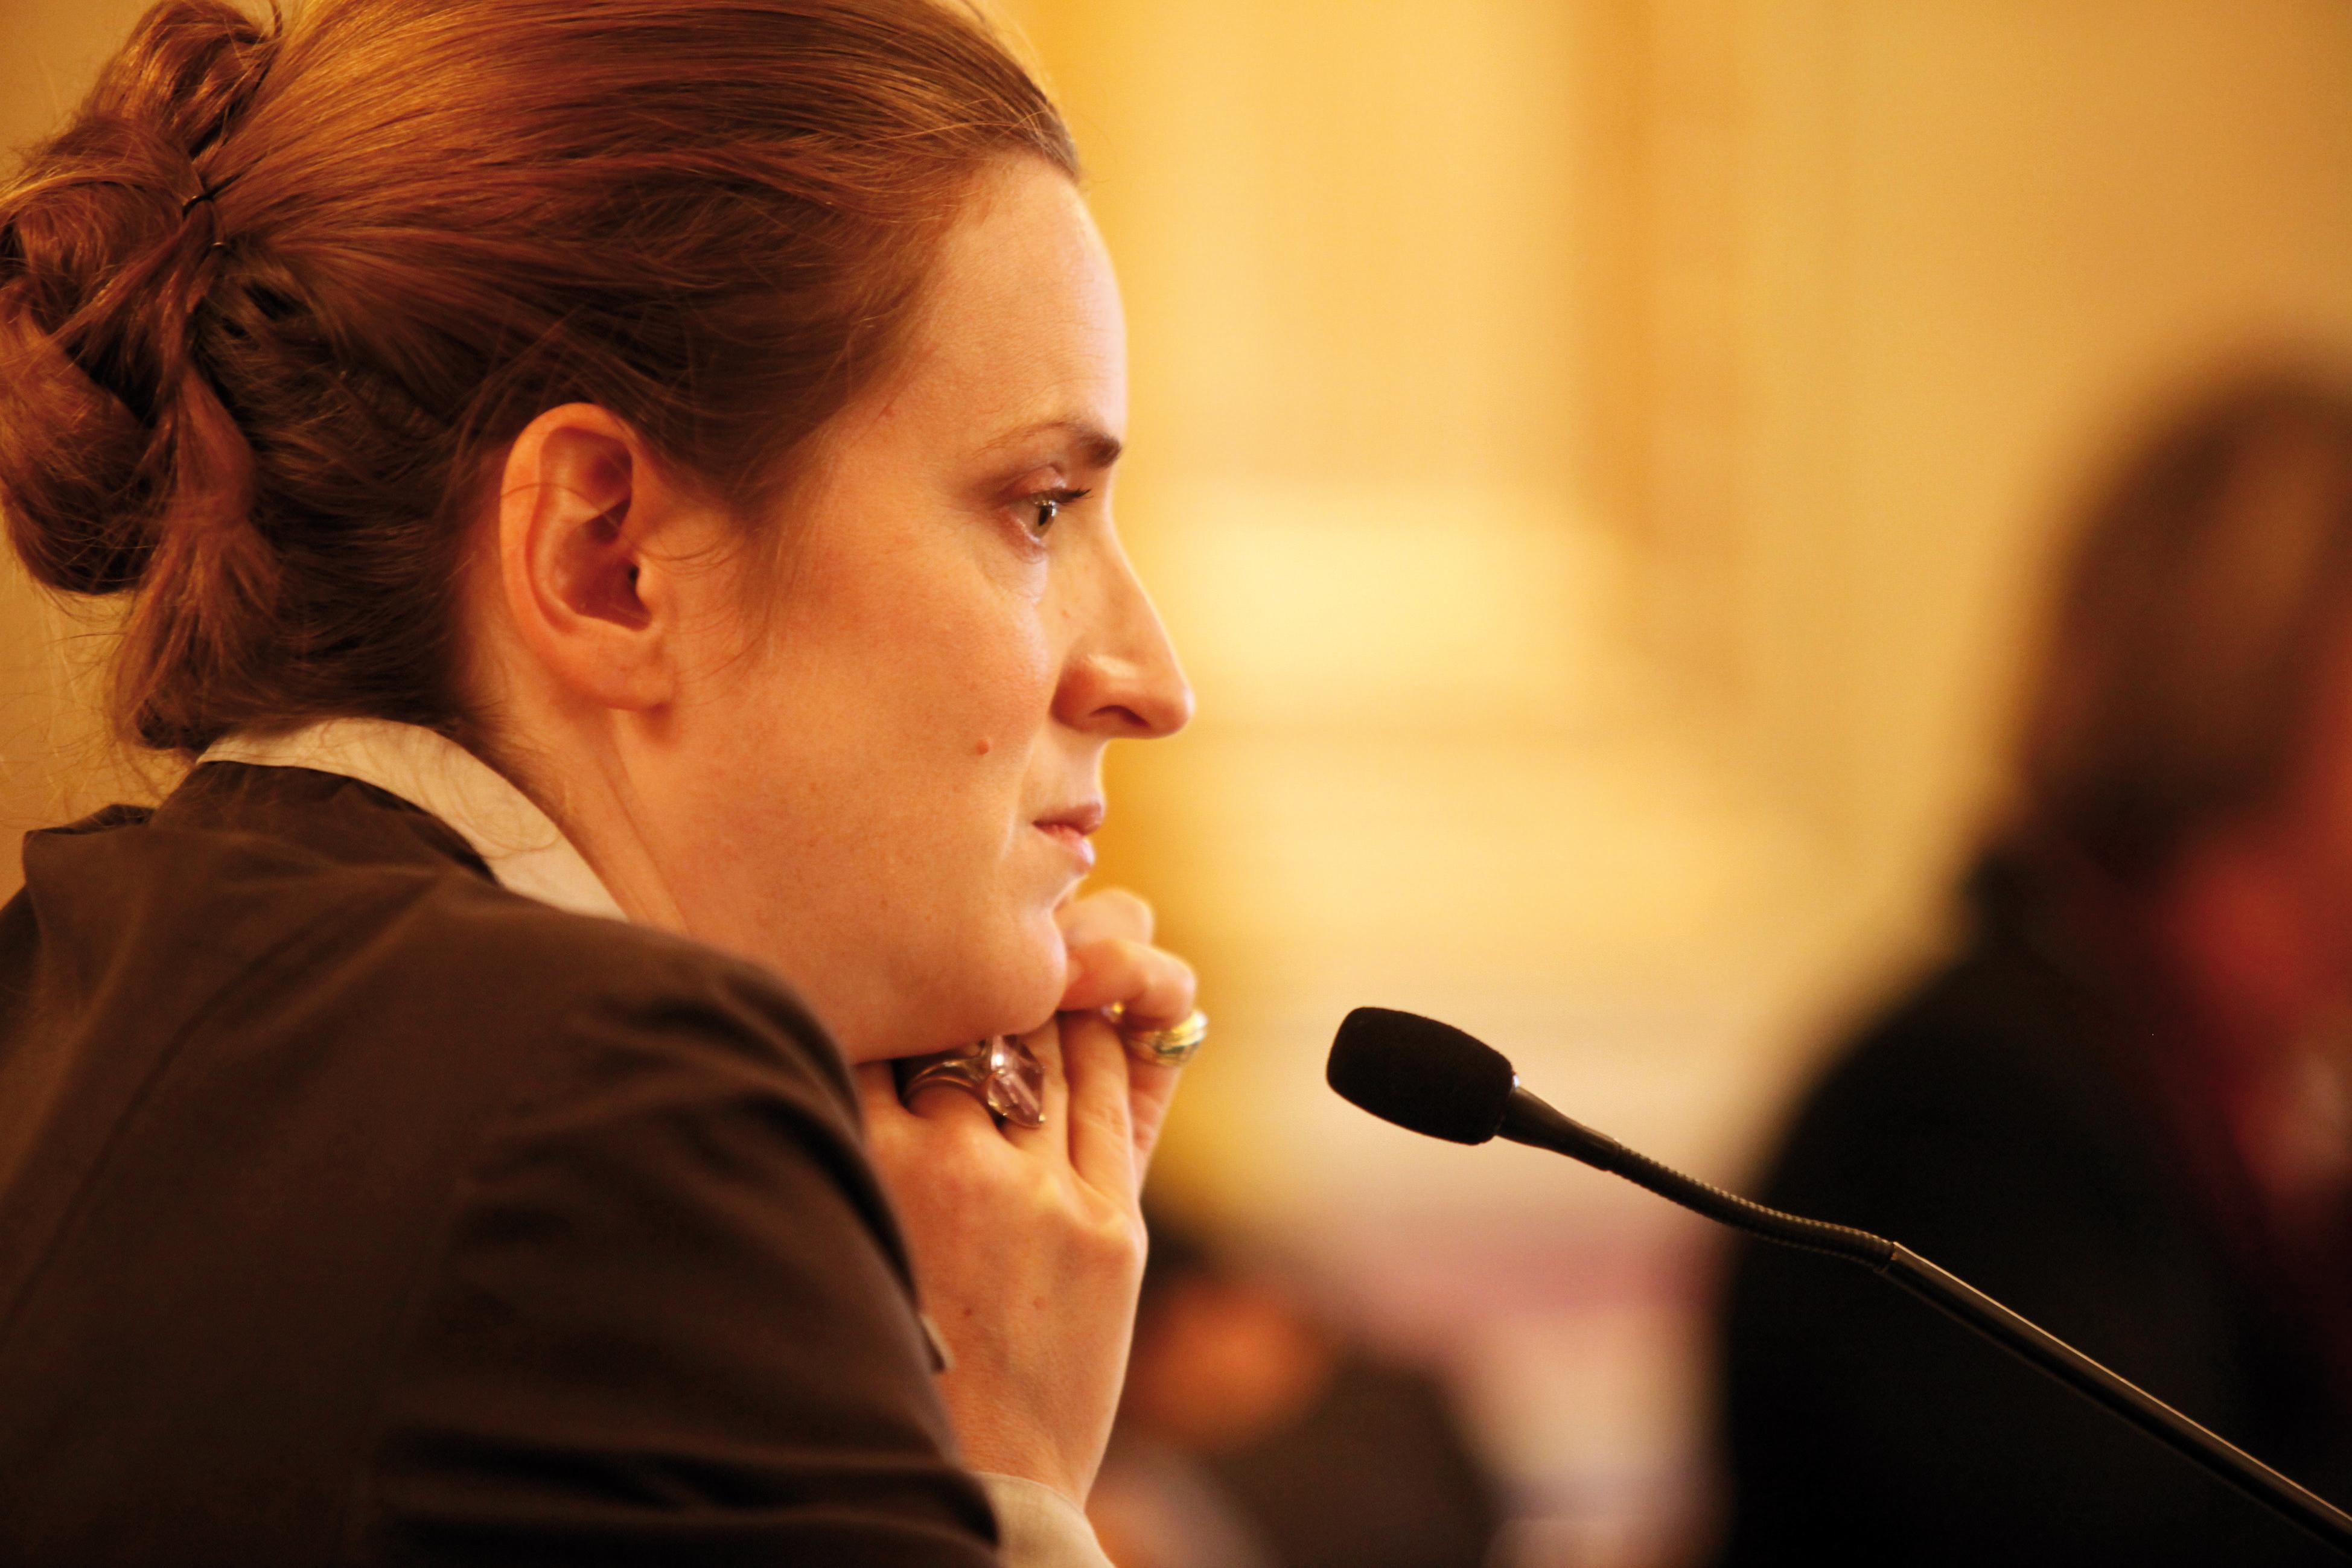 La ministre de l'écologie Nathalie Kosciusko-Morizet a mené une contre-attaque, sitôt la décision du conseil d'Etat connue.